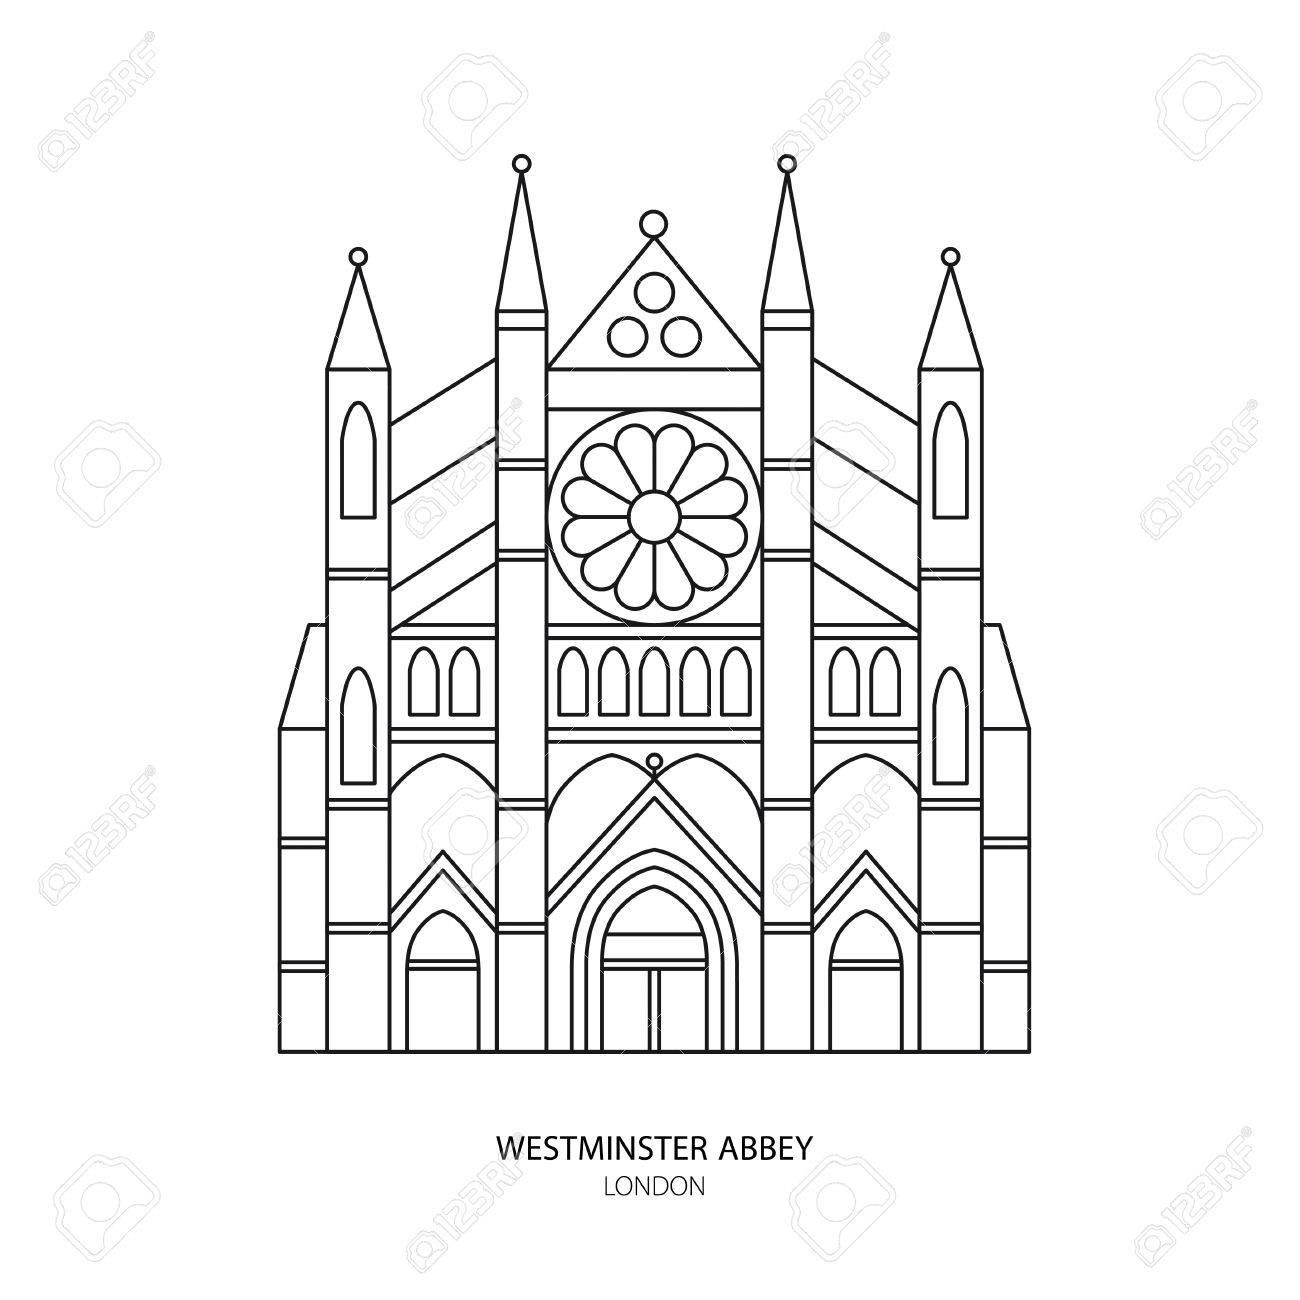 1300x1300 Westminster Abbey, London Landmark Illustration. Outline Design